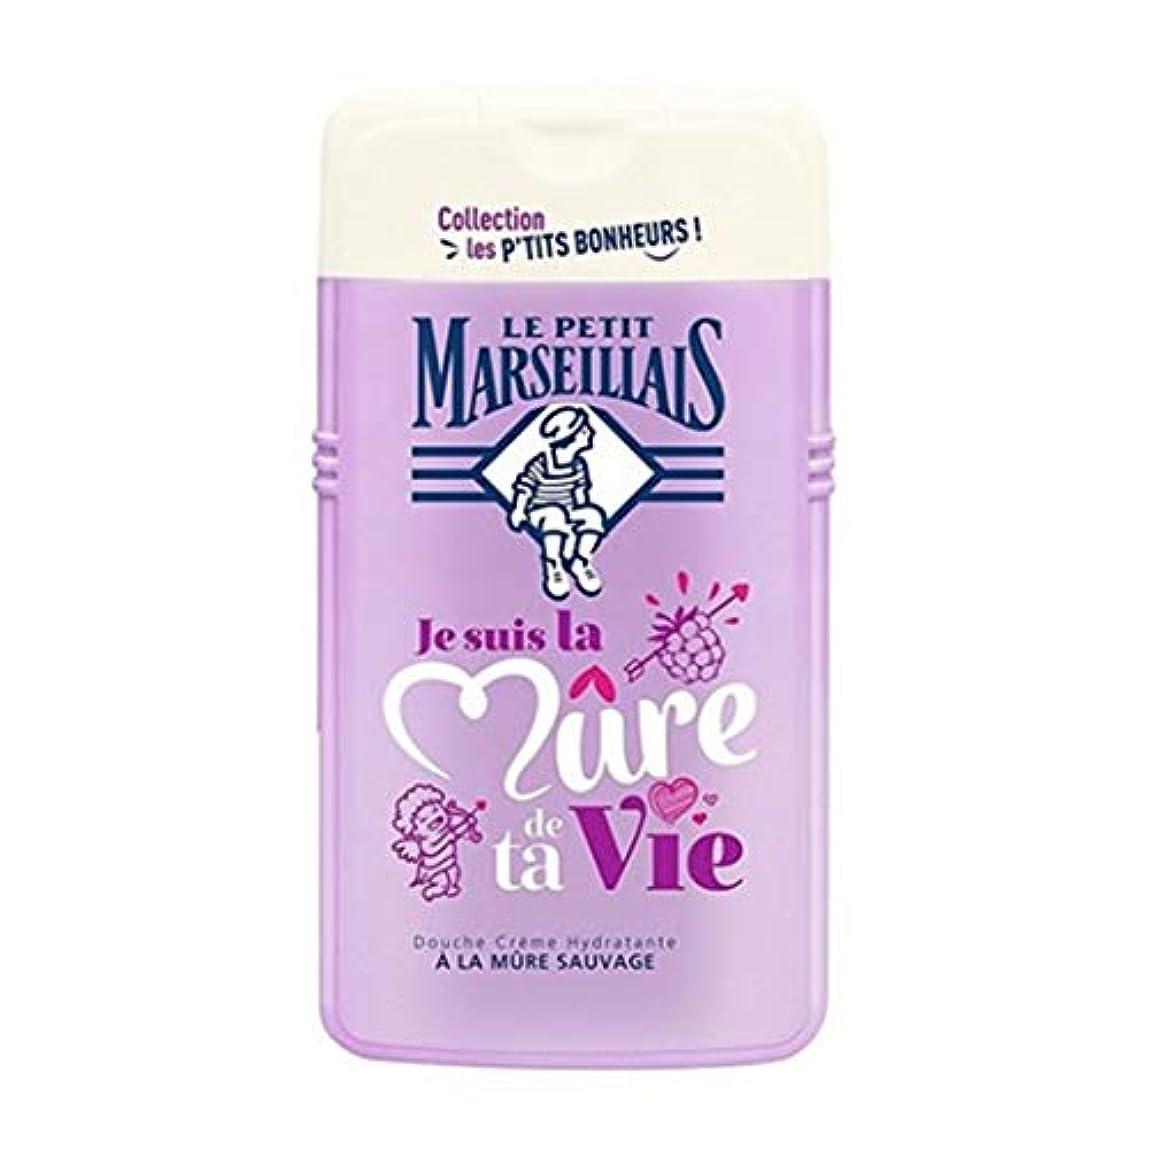 刈り取る受粉者繊維「ブラックベリー」シャワークリーム ???? フランスの「ル?プティ?マルセイユ (Le Petit Marseillais)」 les P'TITS BONHEURS 250ml ボディウォッシュ